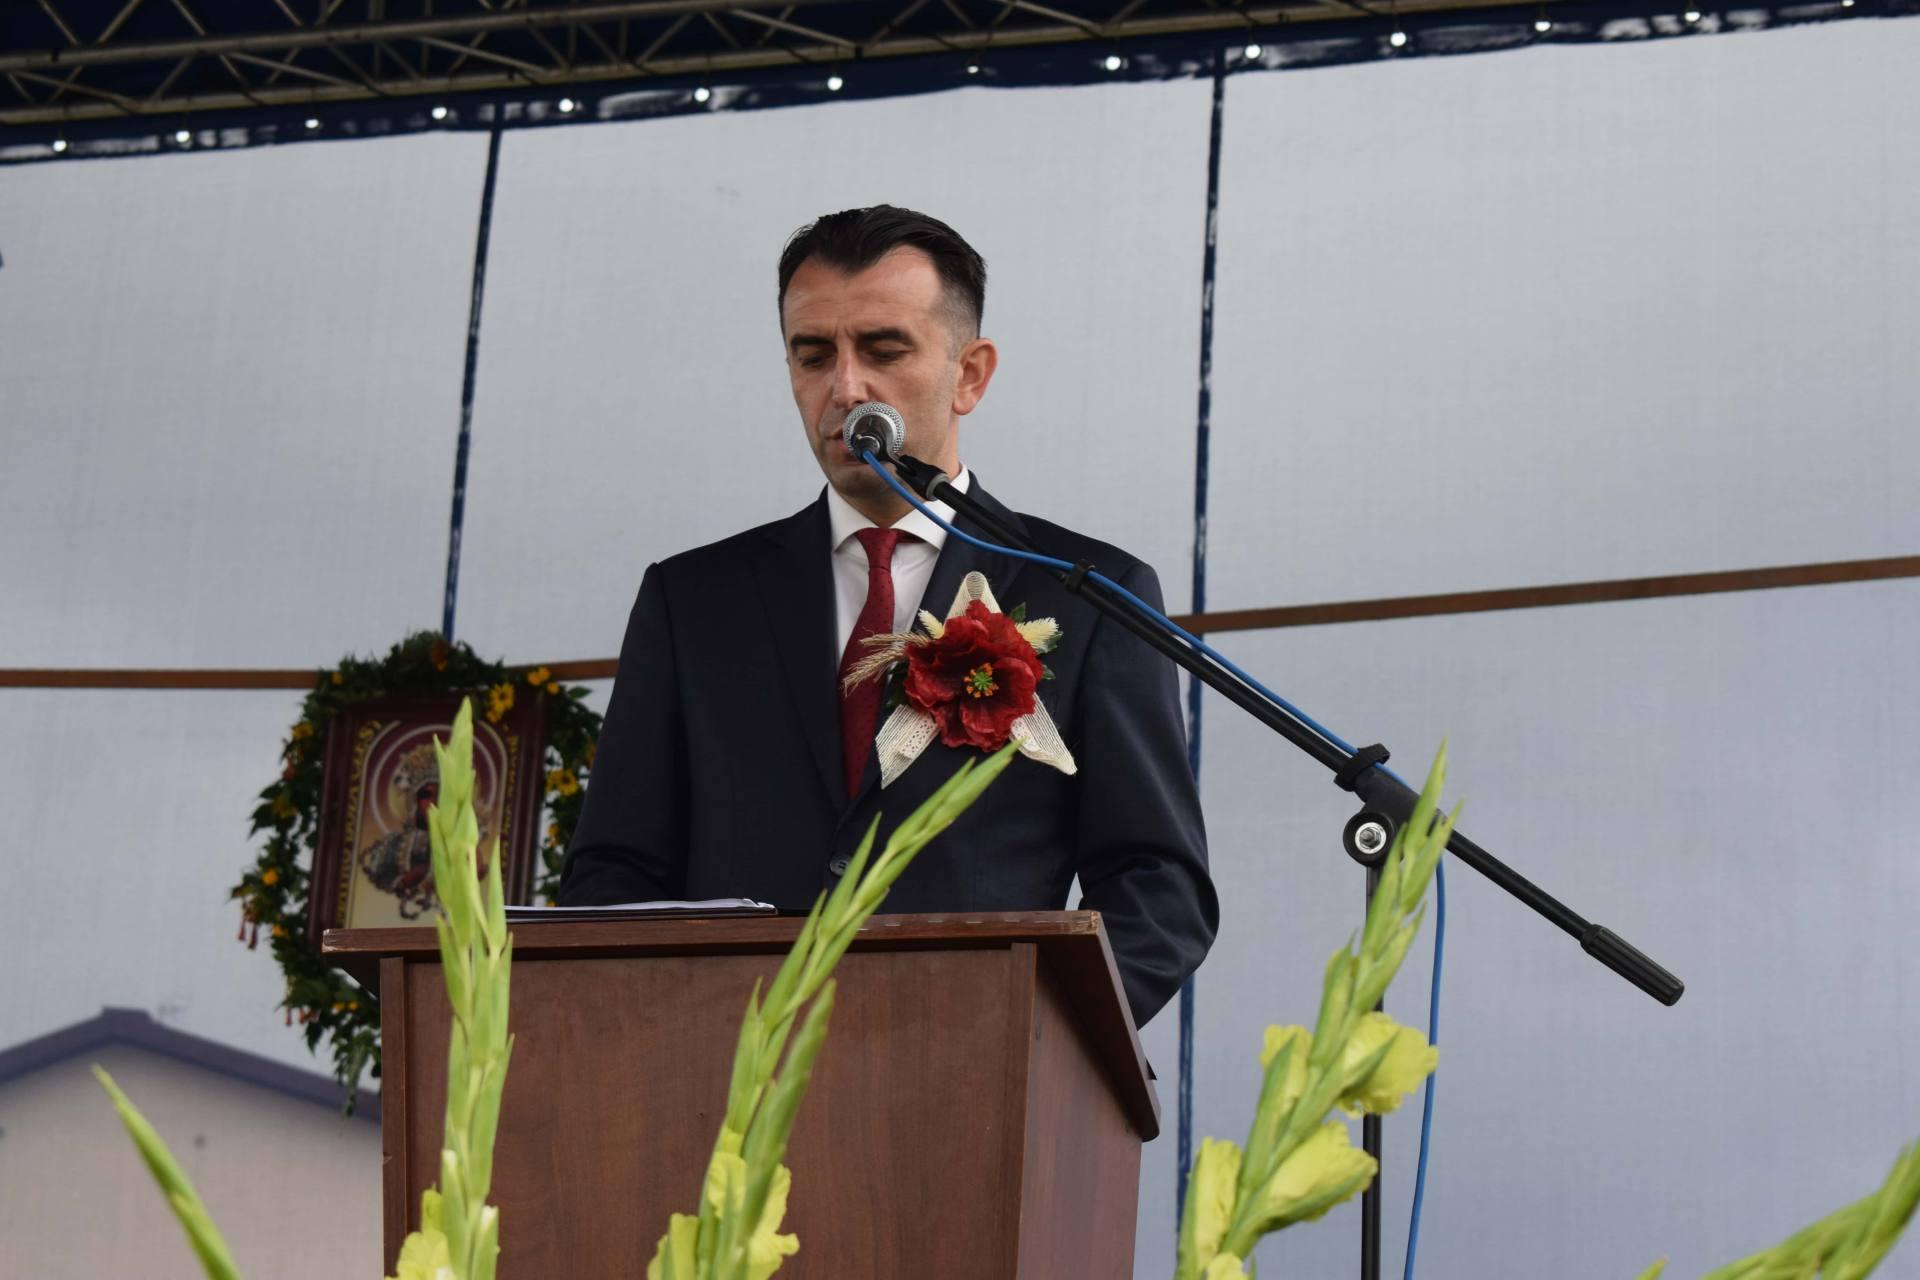 dsc 0342 2 23 sierpnia odbyły się Dożynki Powiatowo-Gminne w Łabuniach. Publikujemy zdjęcia